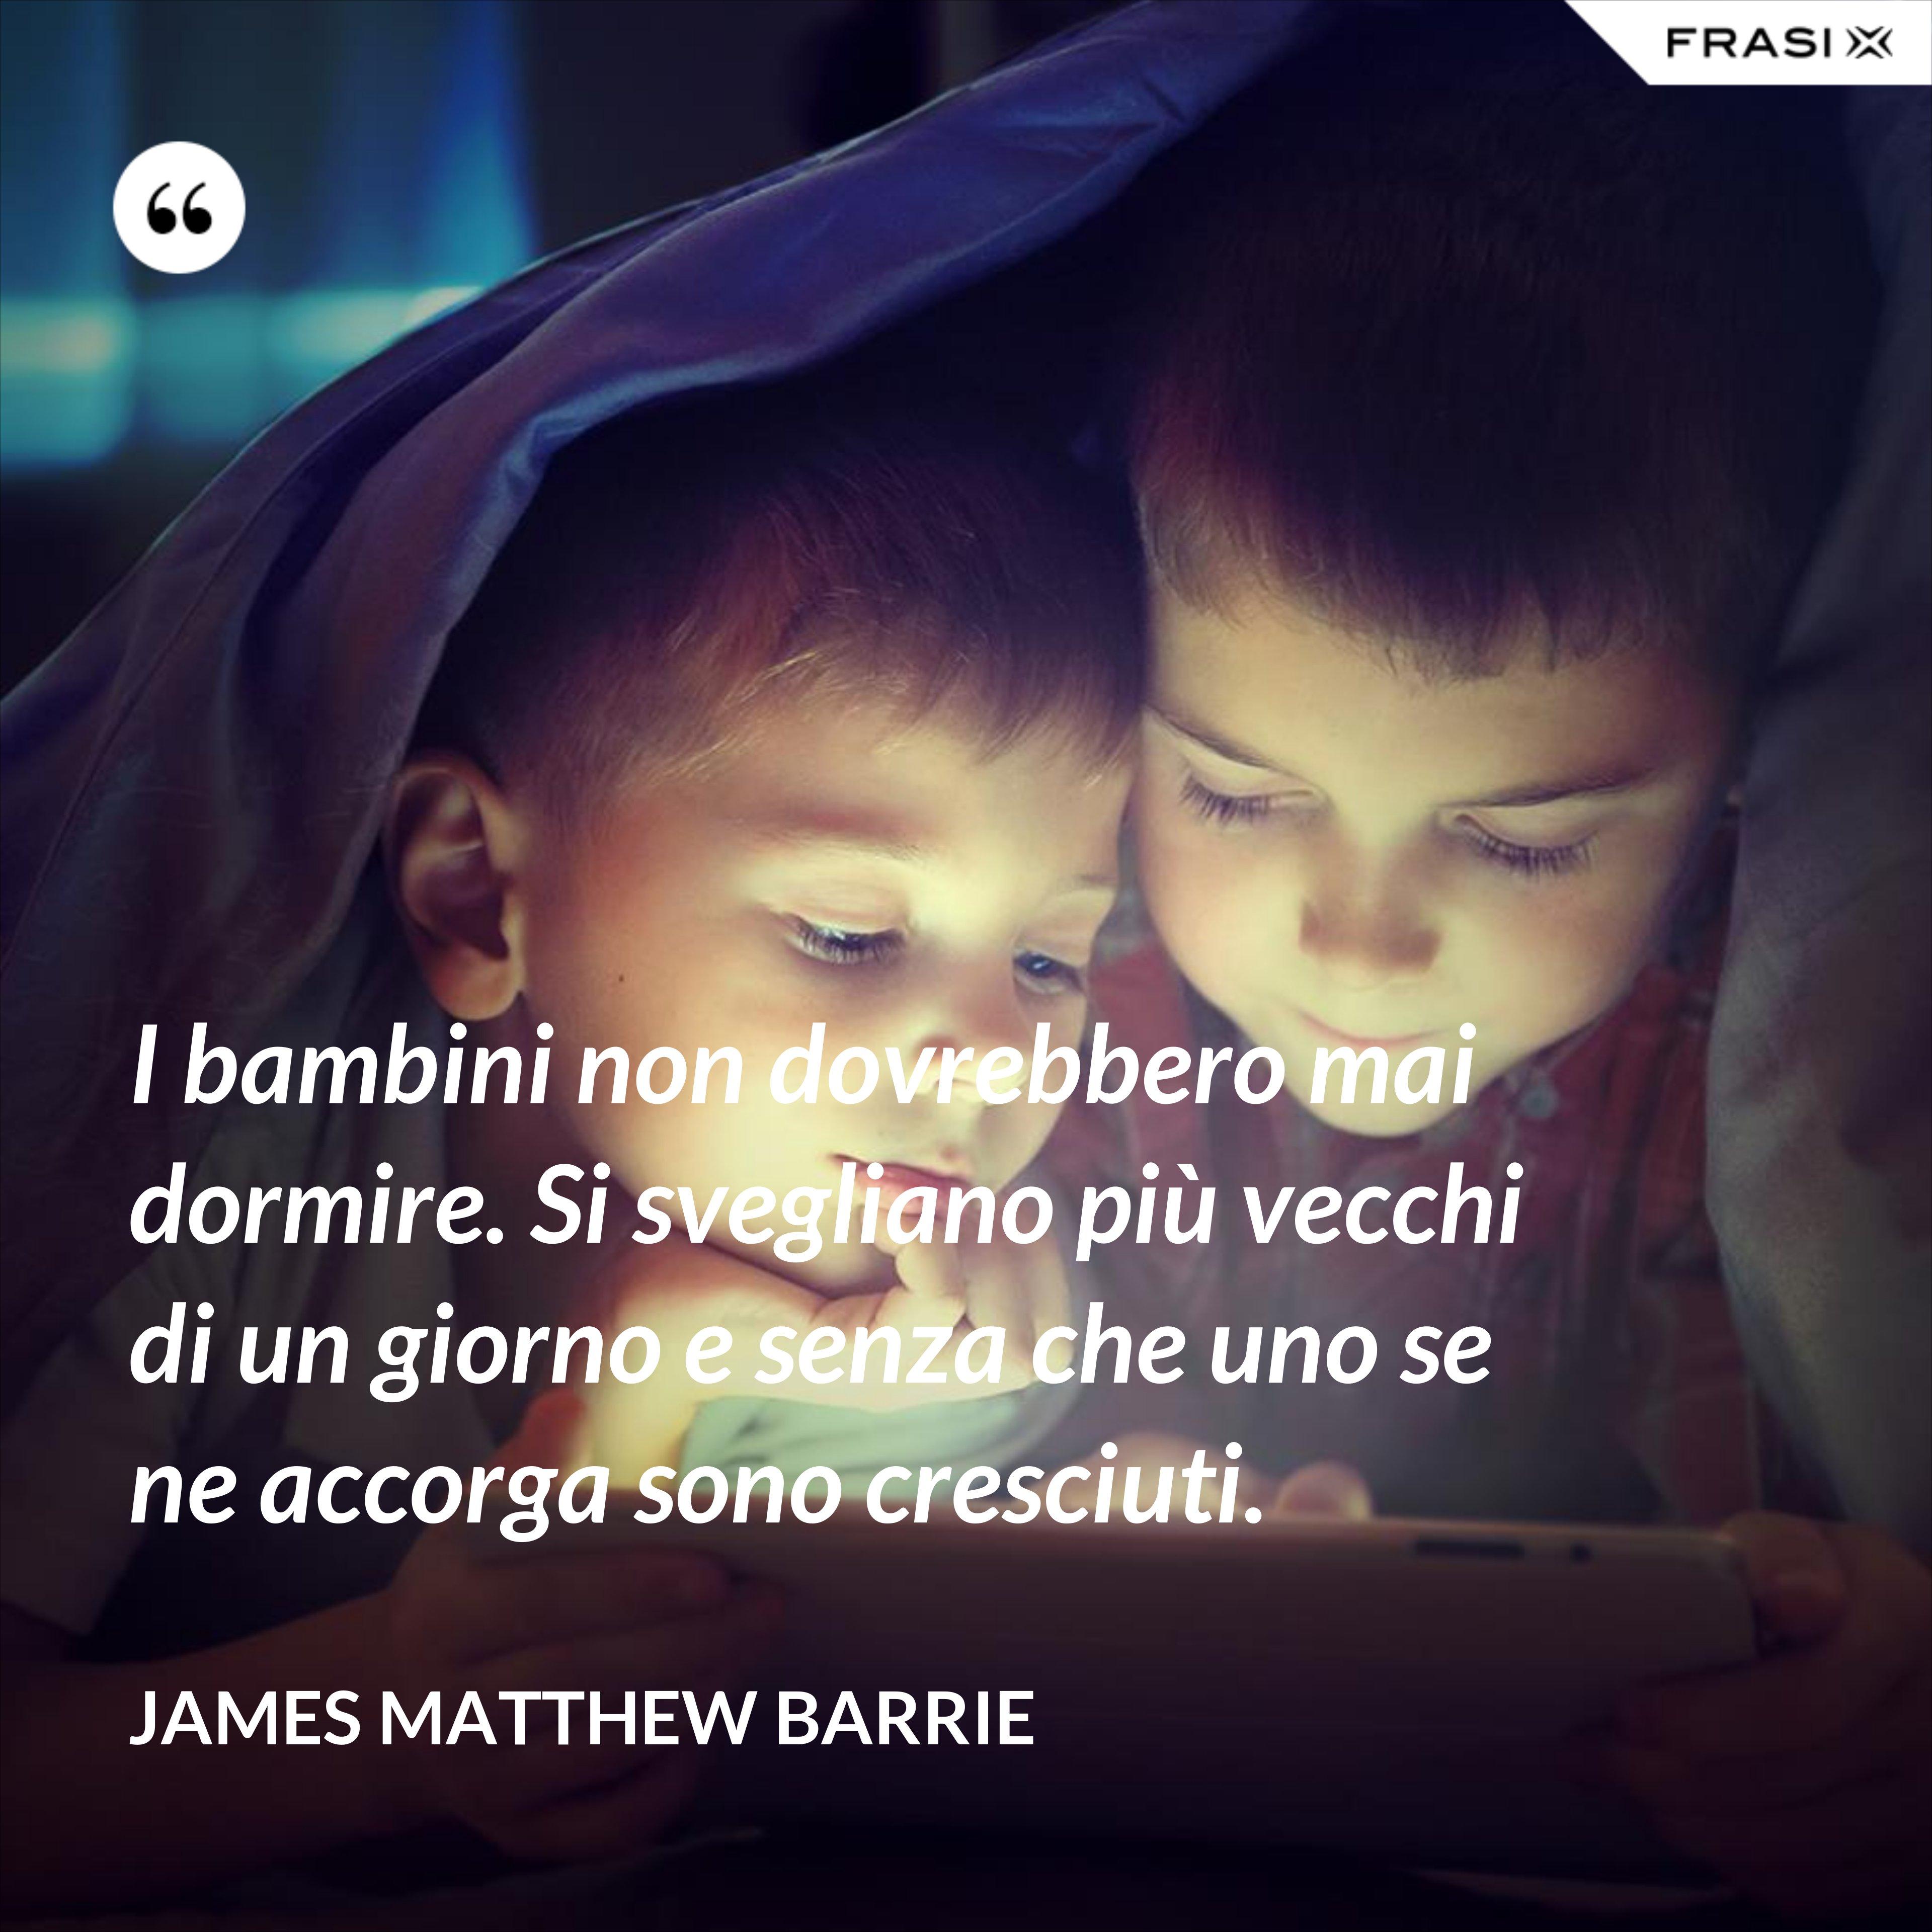 I bambini non dovrebbero mai dormire. Si svegliano più vecchi di un giorno e senza che uno se ne accorga sono cresciuti. - James Matthew Barrie